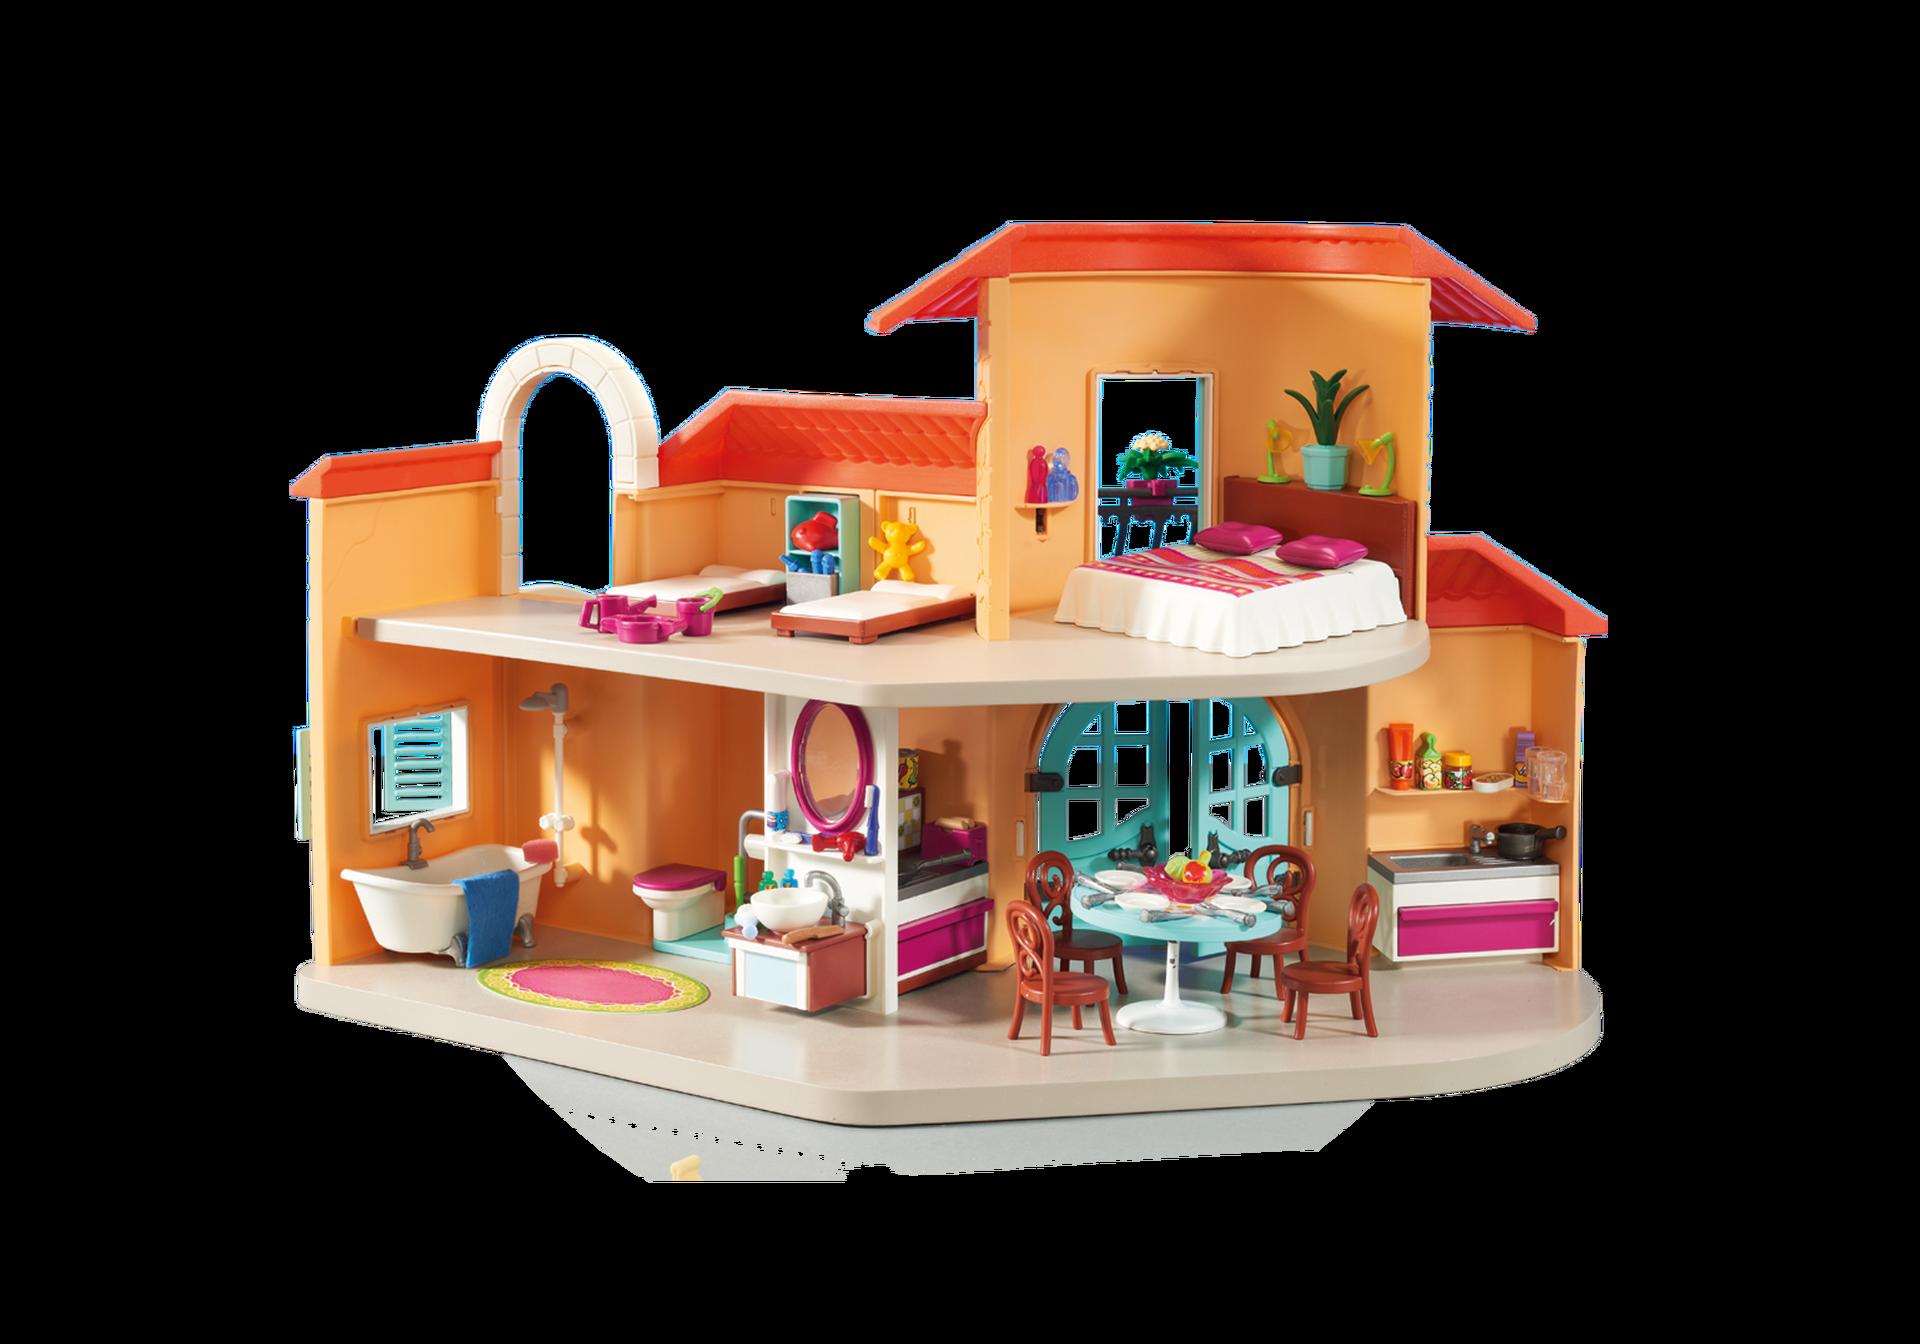 Sonnige Ferienvilla 9420 Playmobil Deutschland